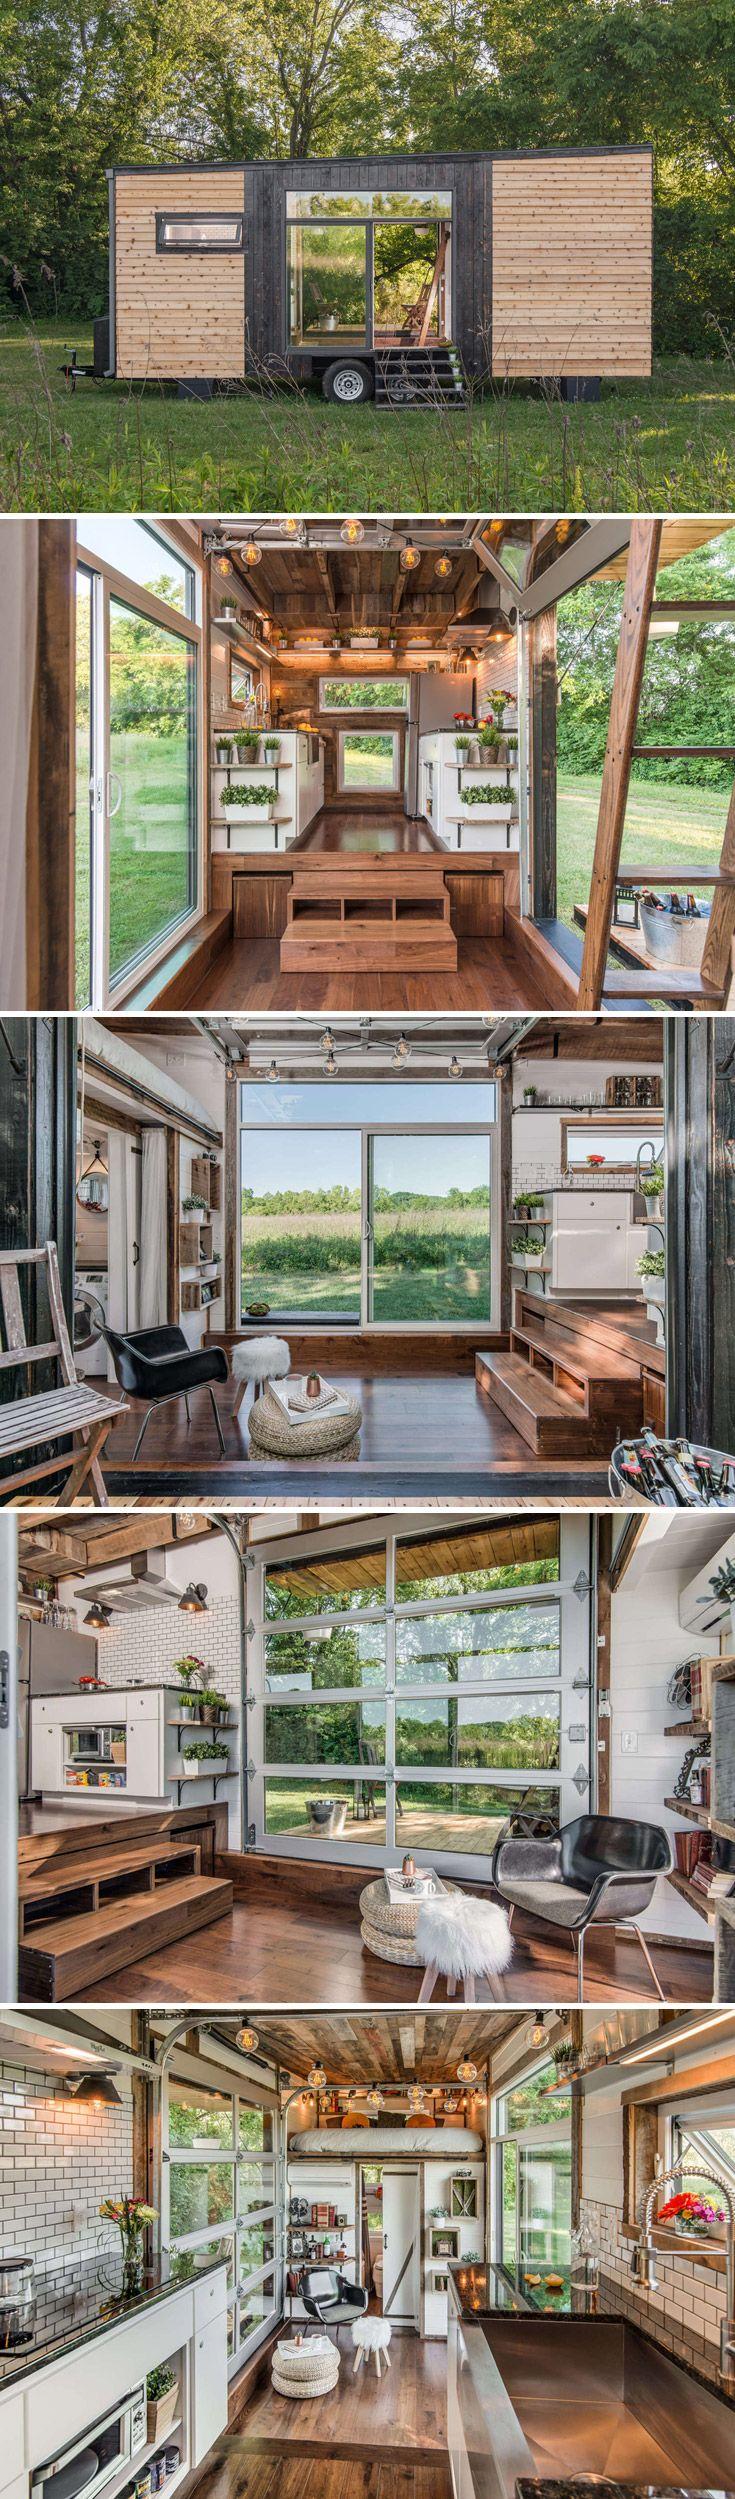 Best 25 Tiny House Design Ideas On Pinterest Tiny Houses Tiny